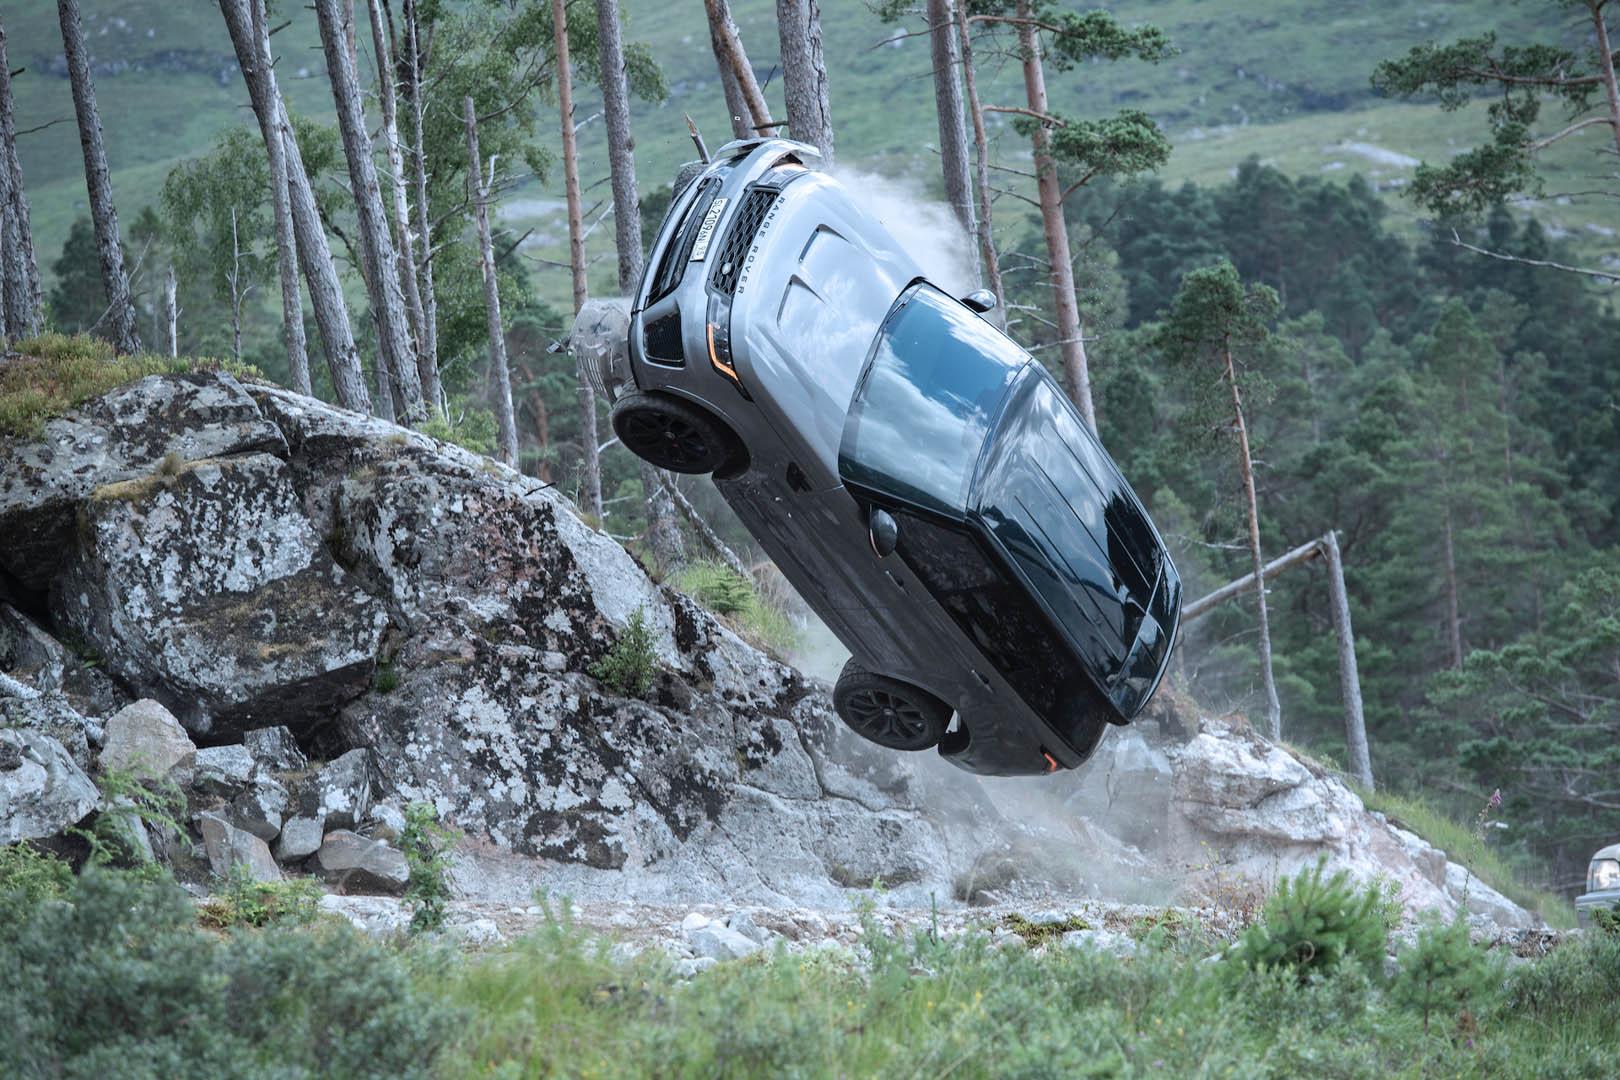 CP-Dàn xe trong phim No Time To Die32.jpg